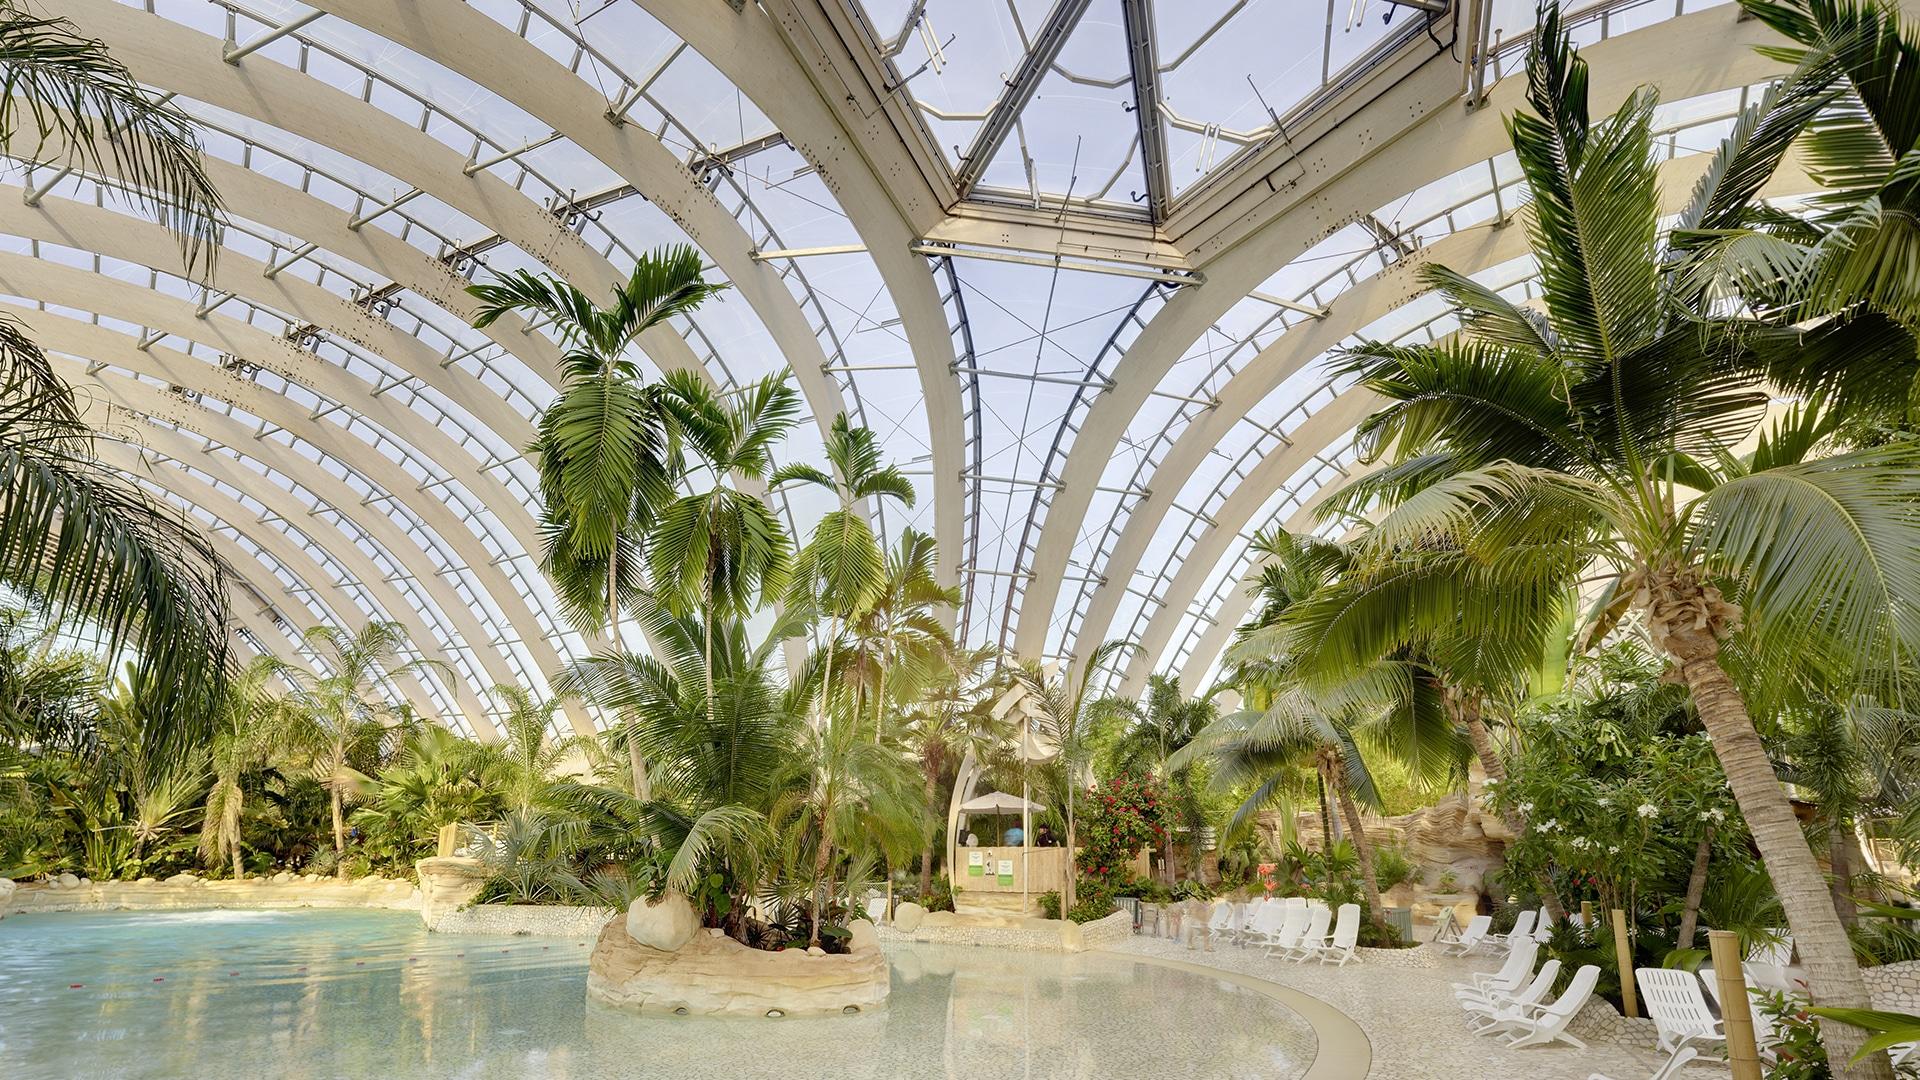 Der atemberaubende Wasserpark Aqua Mundo im Center Parks Les Trois Forêts ist mit dem Texlon® ETFE-System von Vector Foiltec verkleidet.